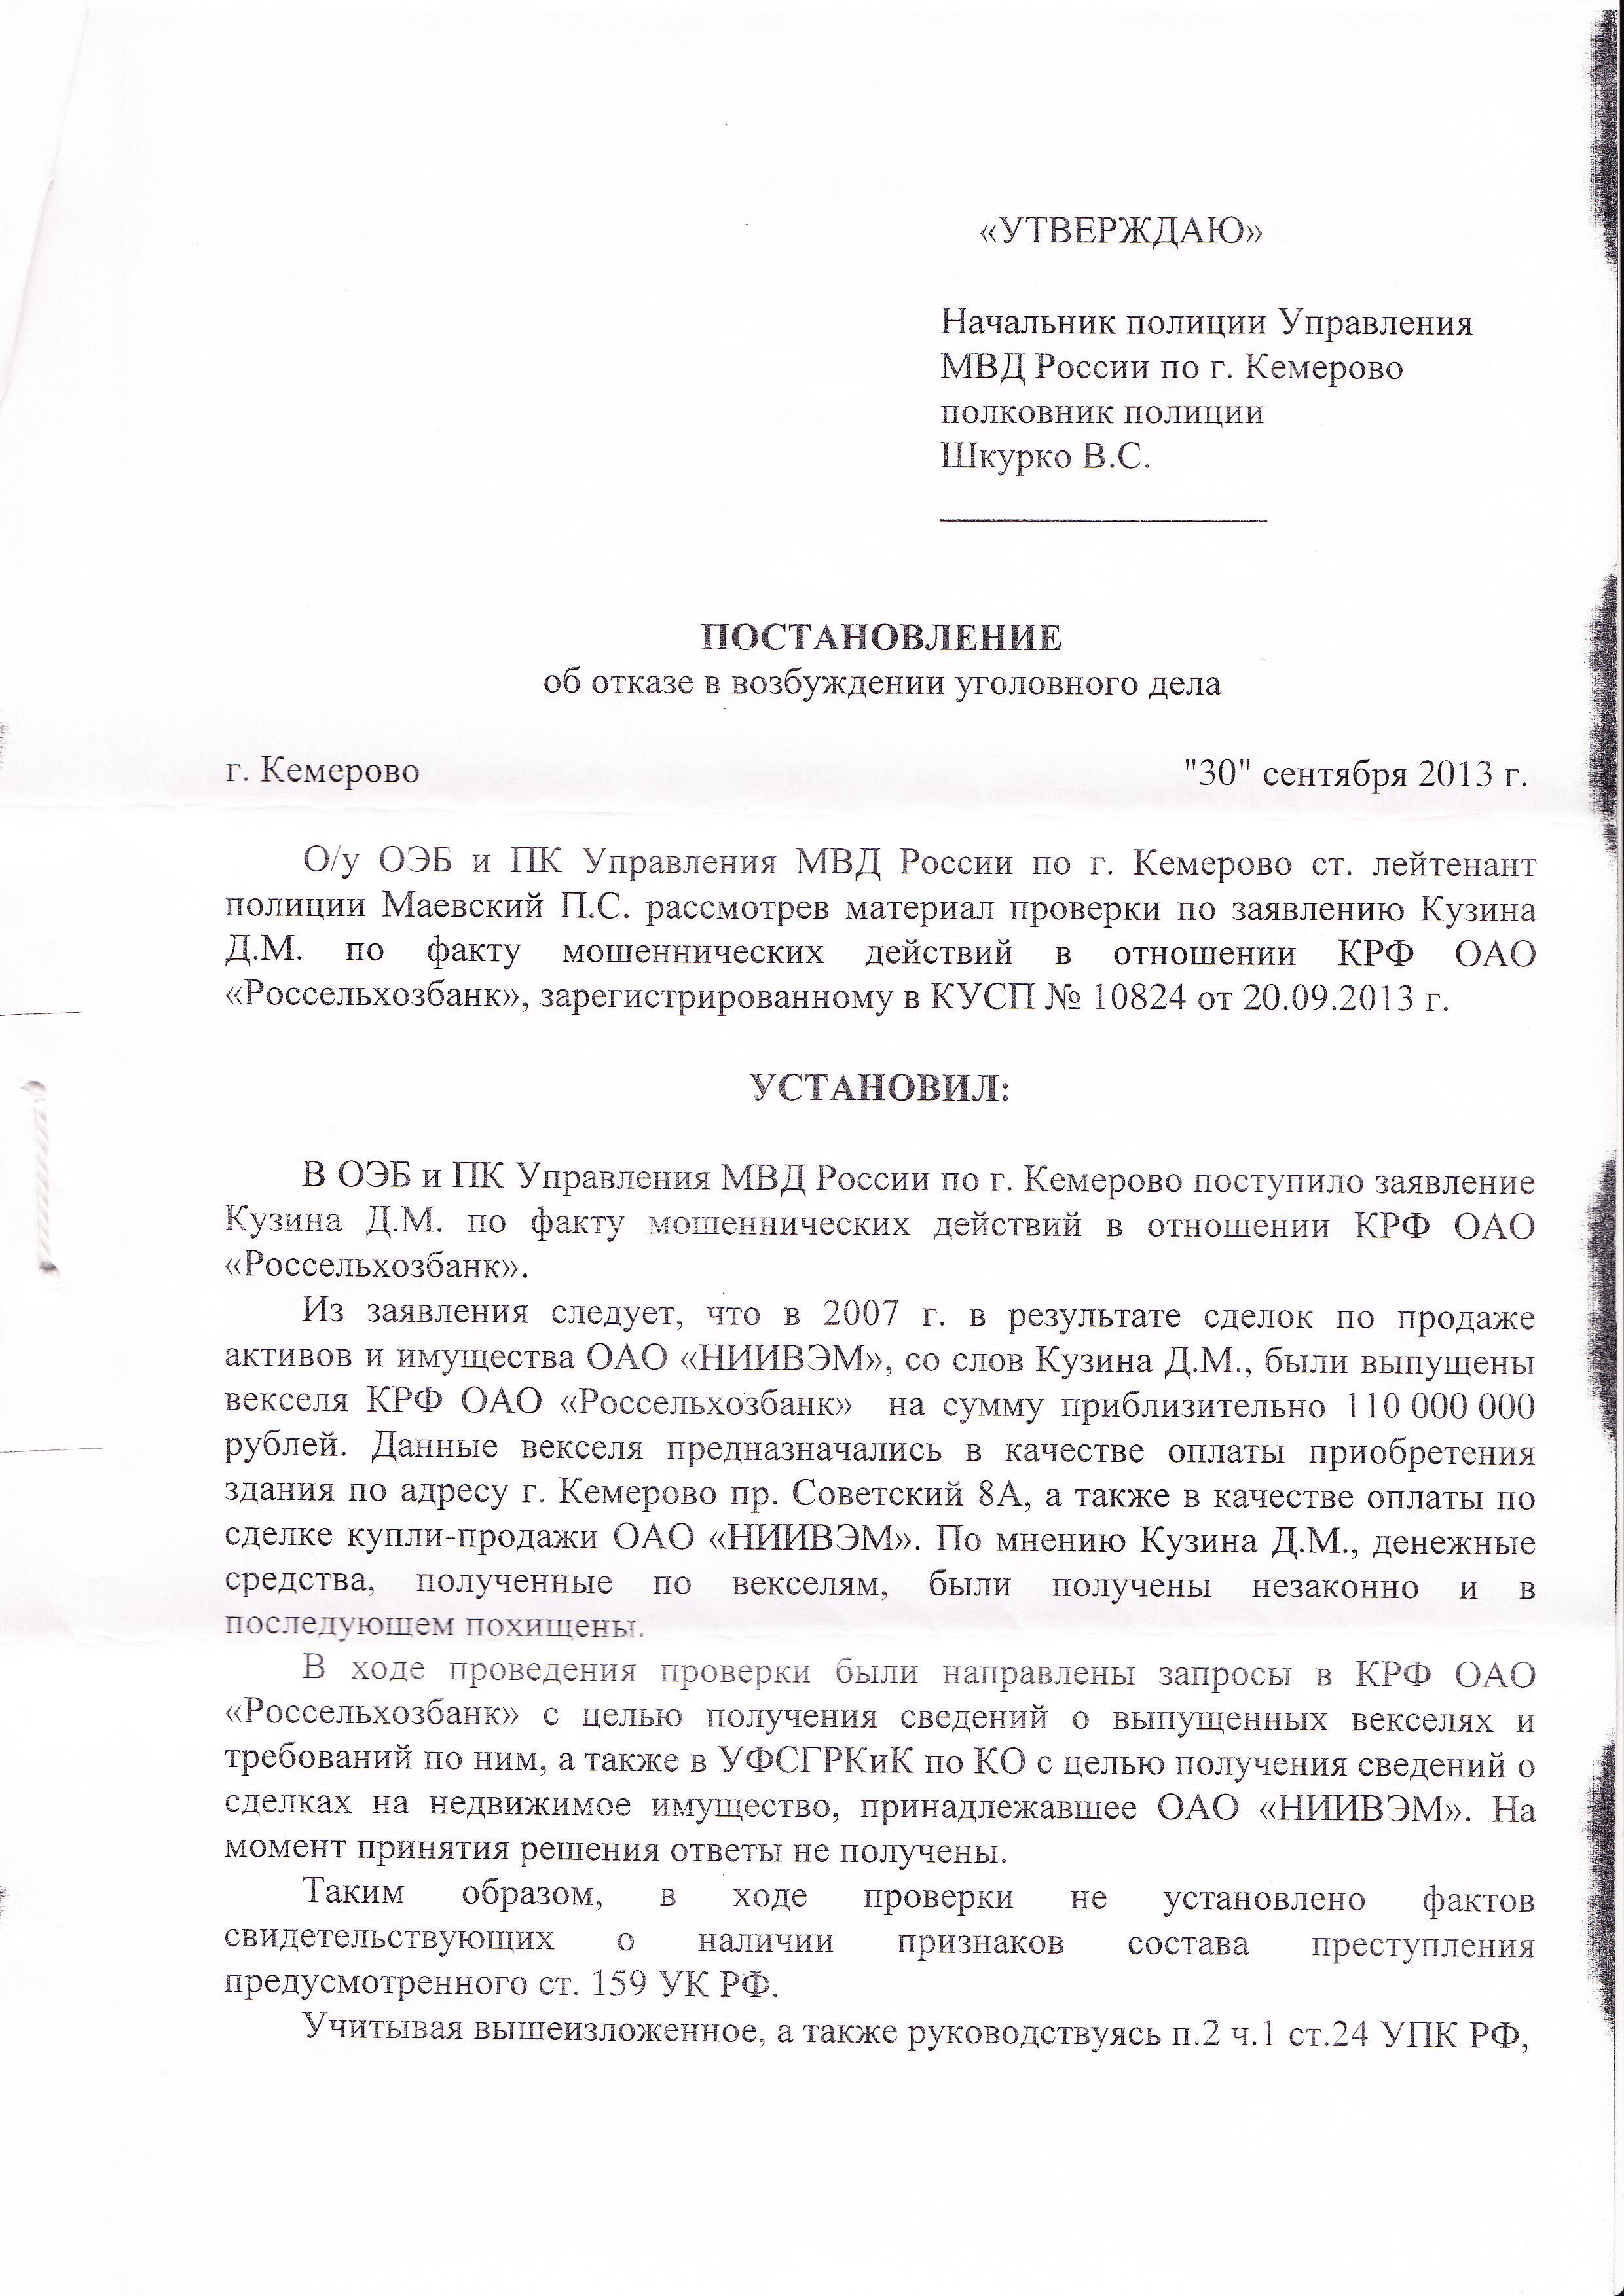 Постановление Маевского от 30 09 2013 - 1 л